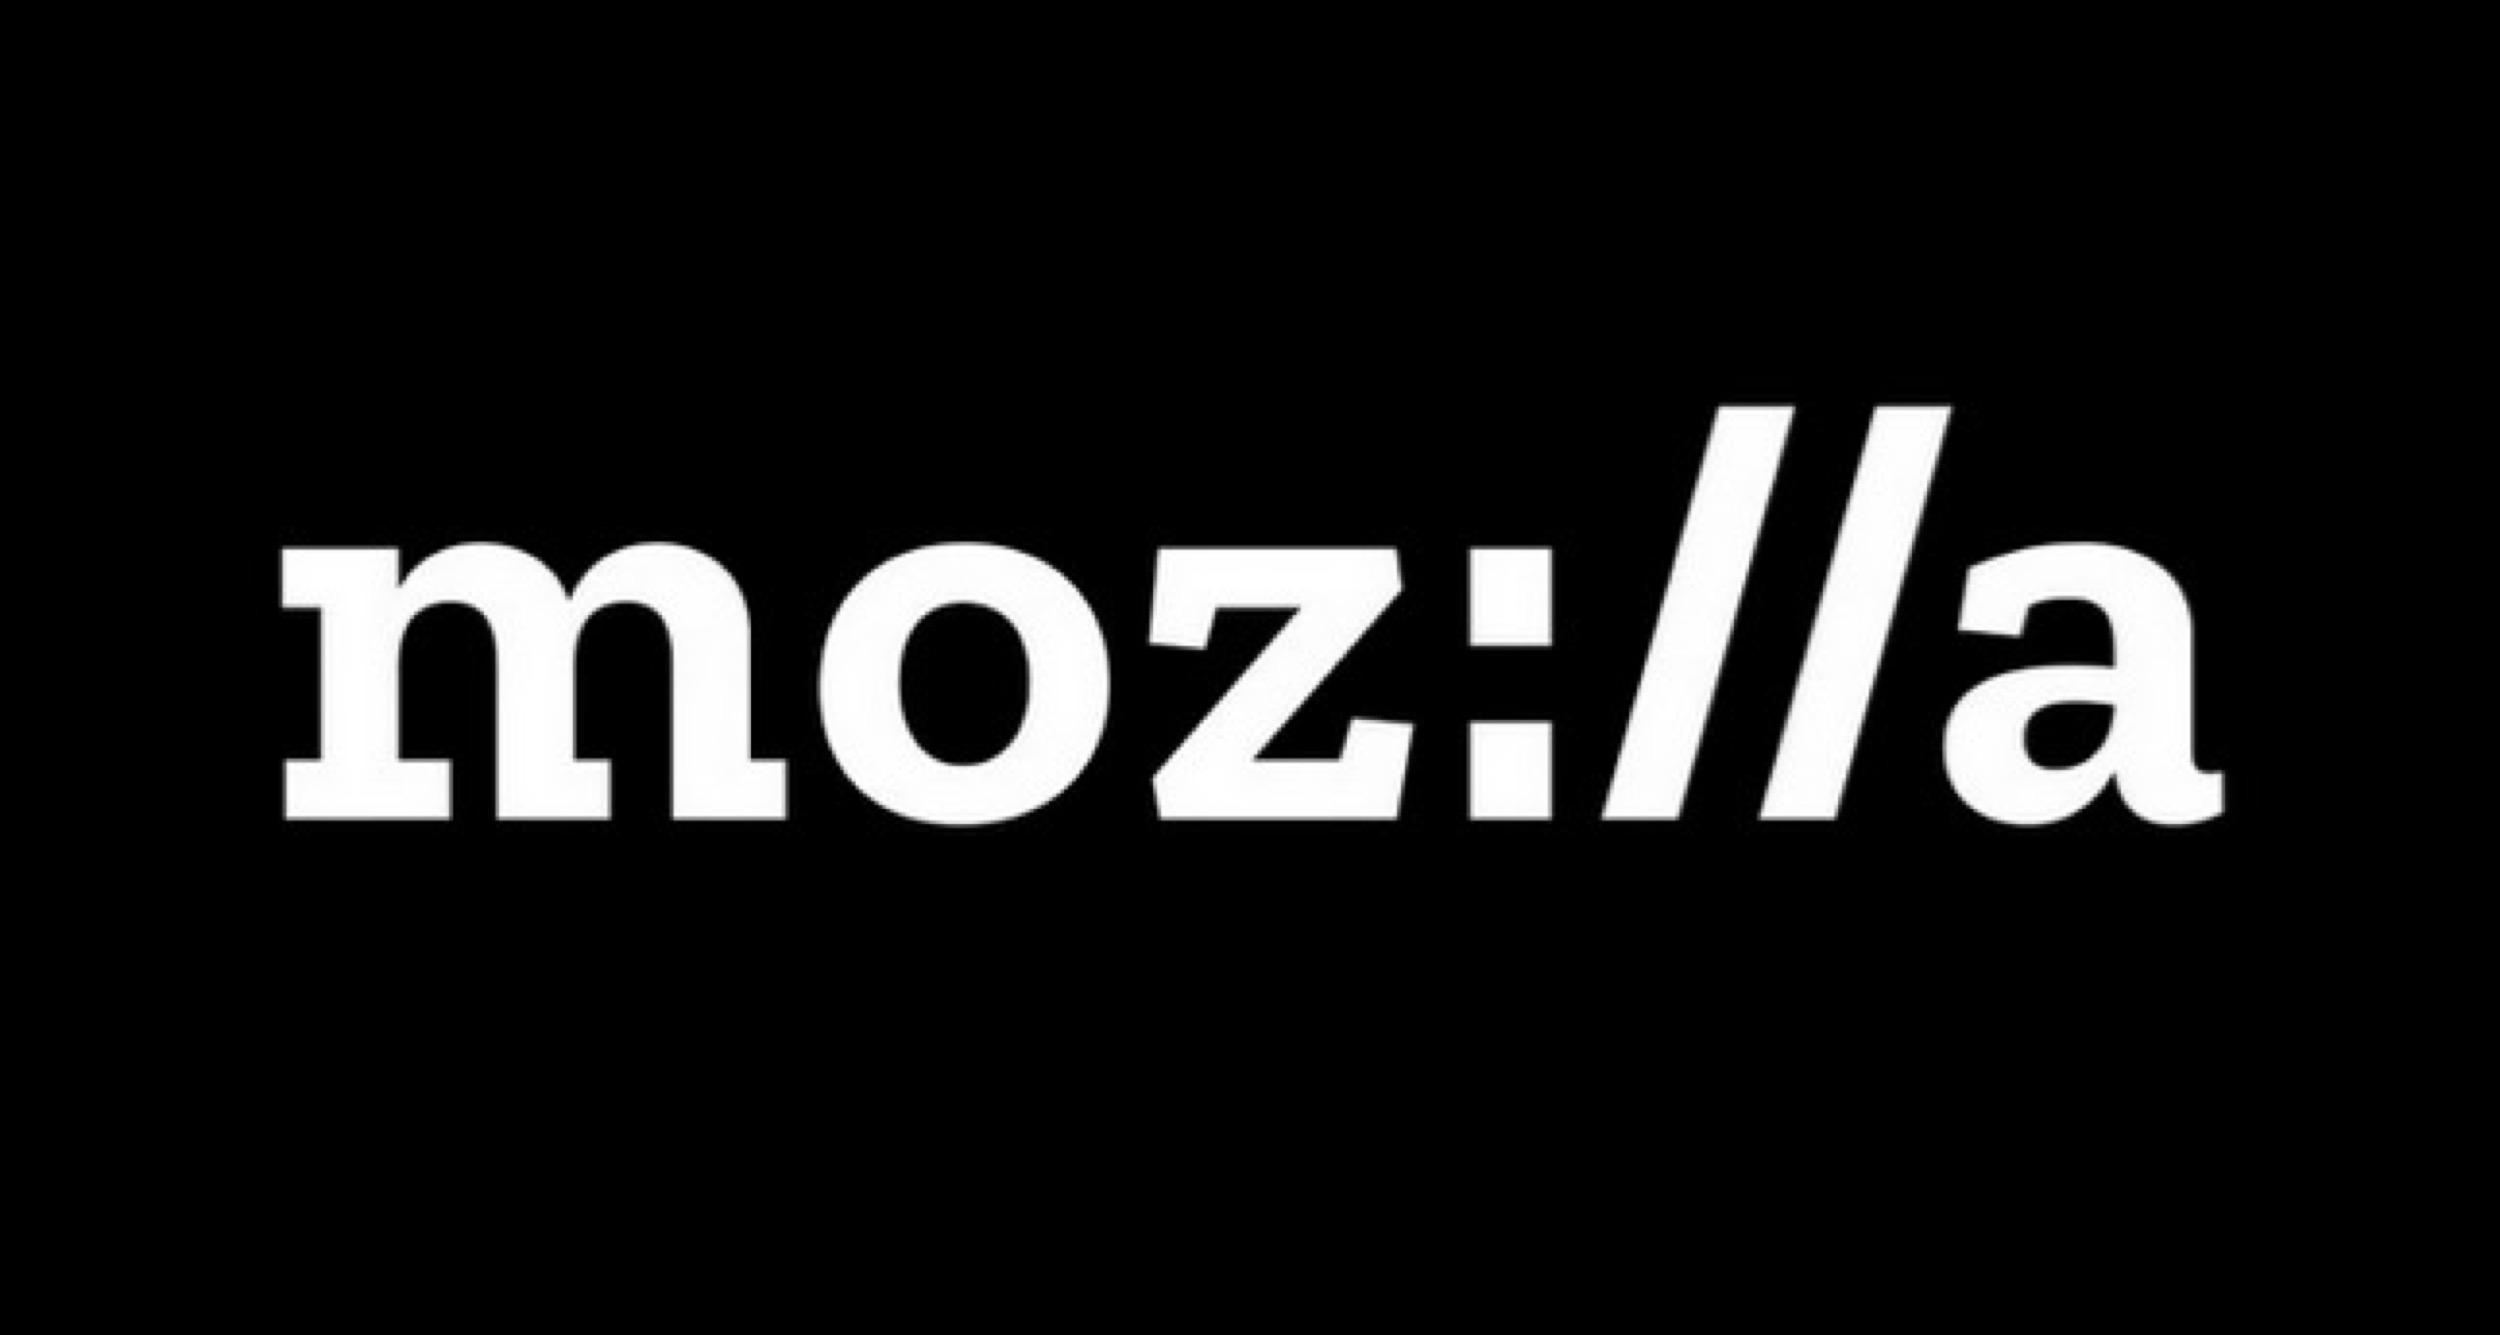 Mozilla félicite Apple pour ses efforts concernant la vie privée, mais pétitionne pour aller encore plus loin 1